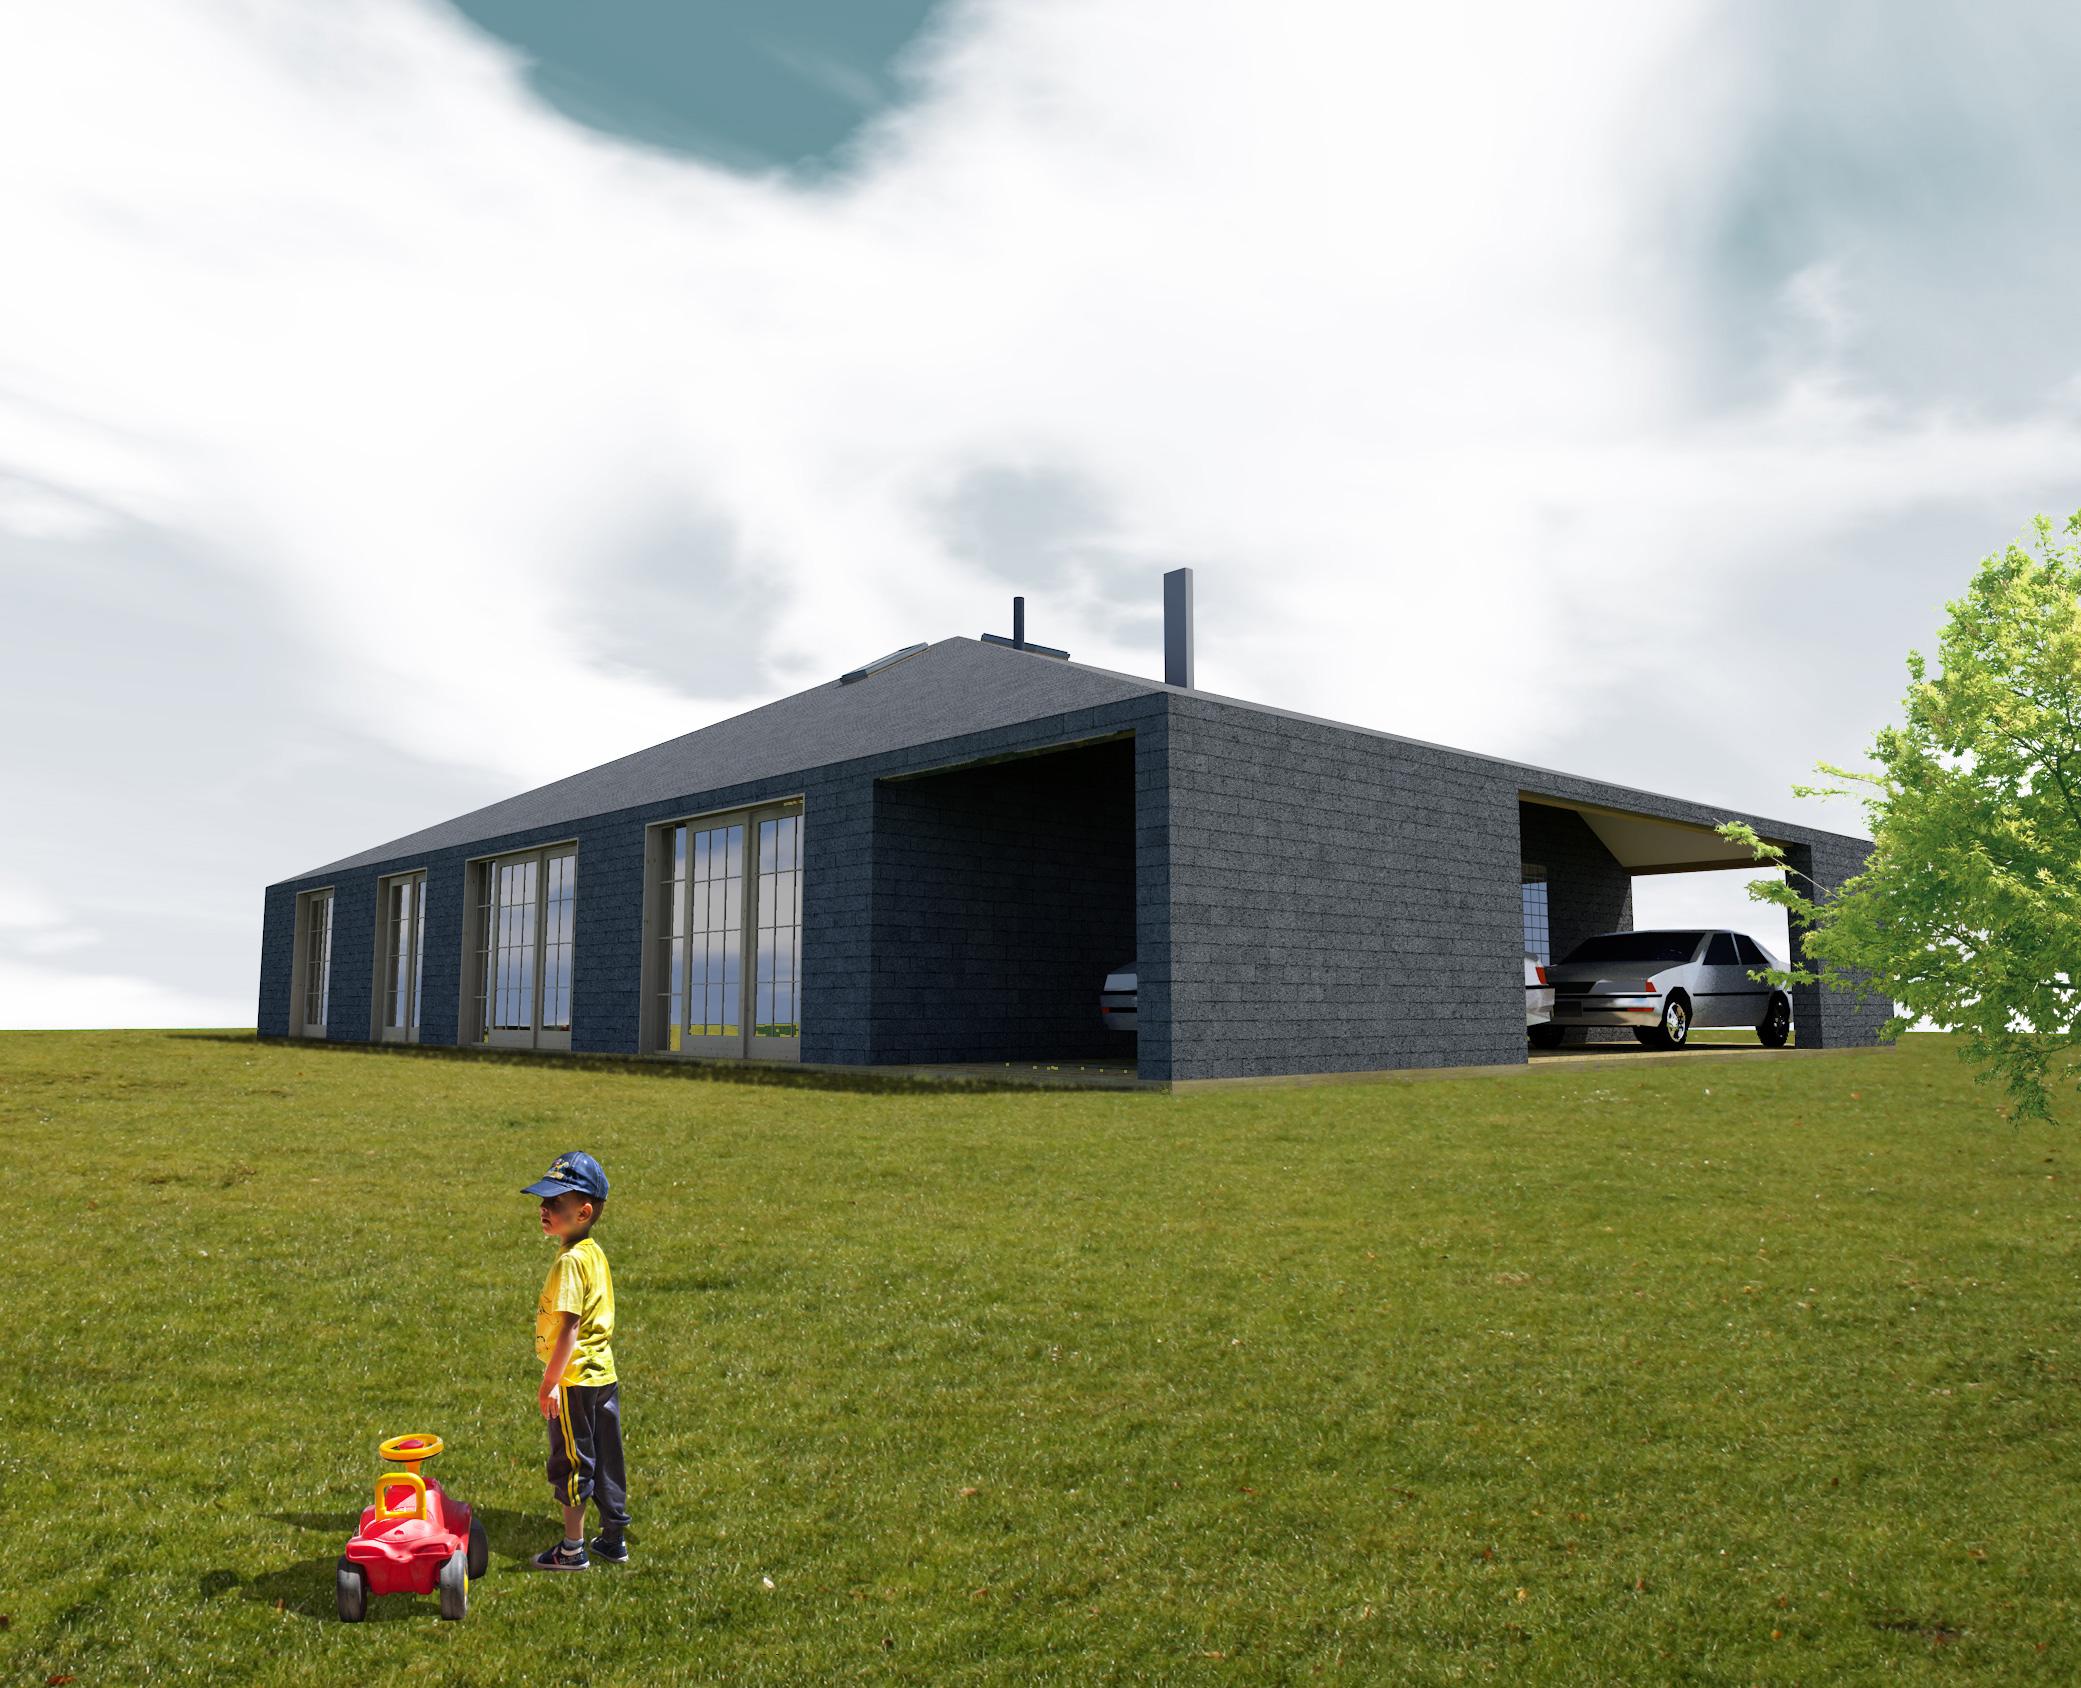 dom prosty, elewacja, architekt slask